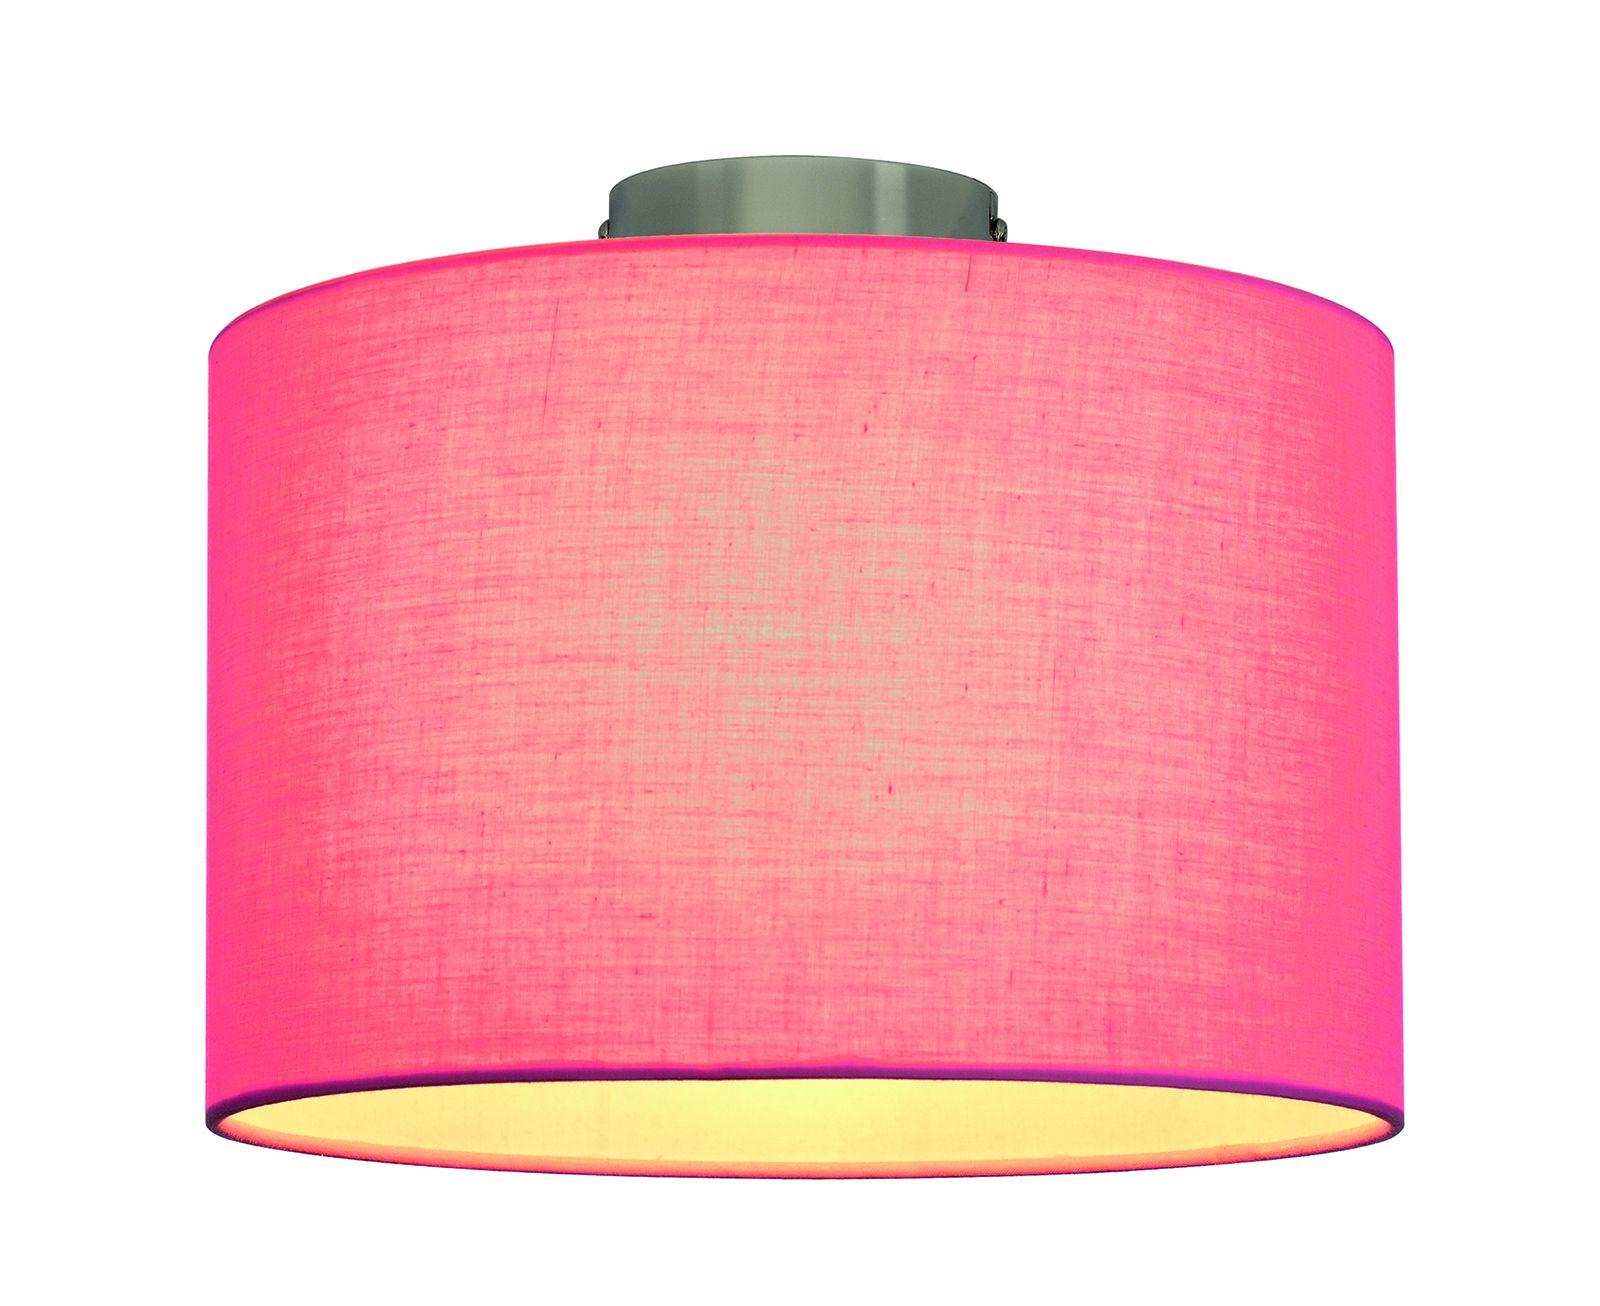 abat jour rose fenda textile slv. Black Bedroom Furniture Sets. Home Design Ideas